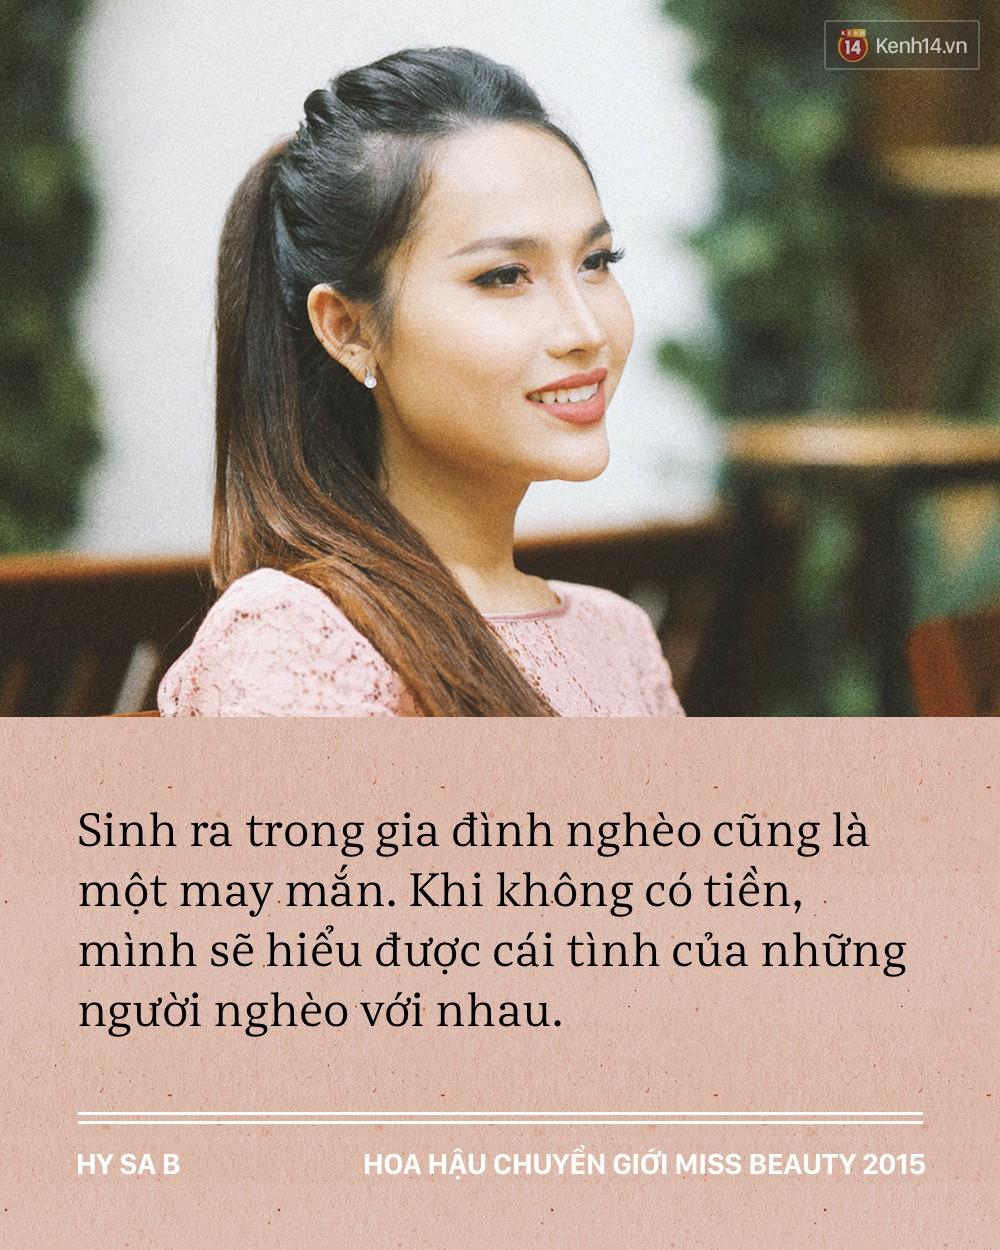 Hoa hậu chuyển giới Việt Nam đầu tiên sau hơn 2 năm đăng quang: Ai cũng nghĩ sau Miss Beauty thì đời mình lên mây - Ảnh 7.